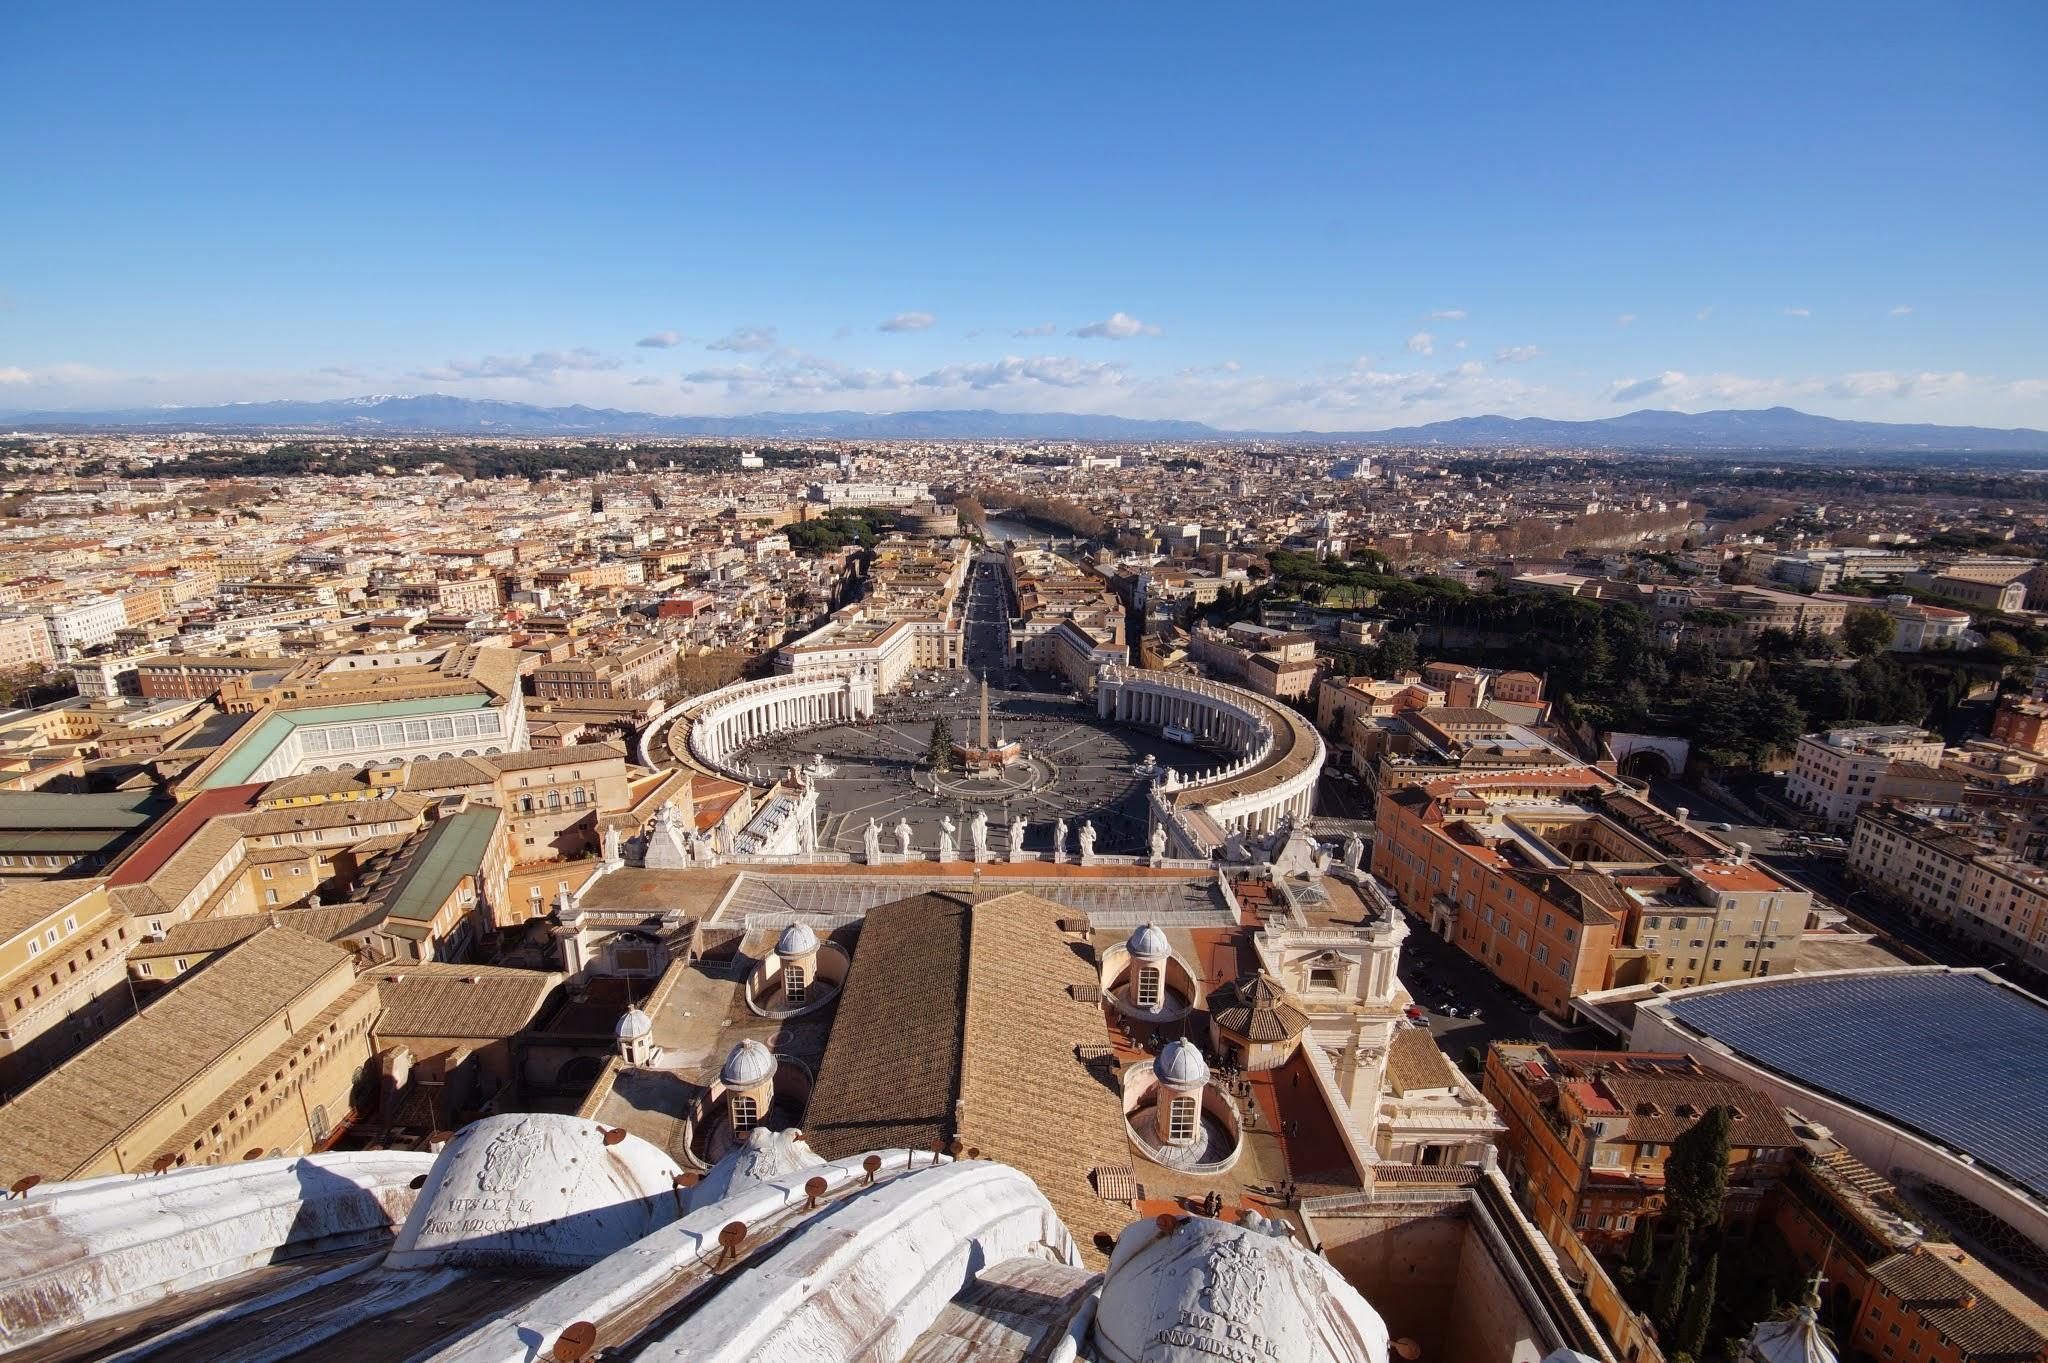 Η πλατεία του Αγίου Πέτρου και η Ρώμη από την κορυφή του τρούλου της Βασιλικής (Φωτογραφία Νίκος Πράσσος)